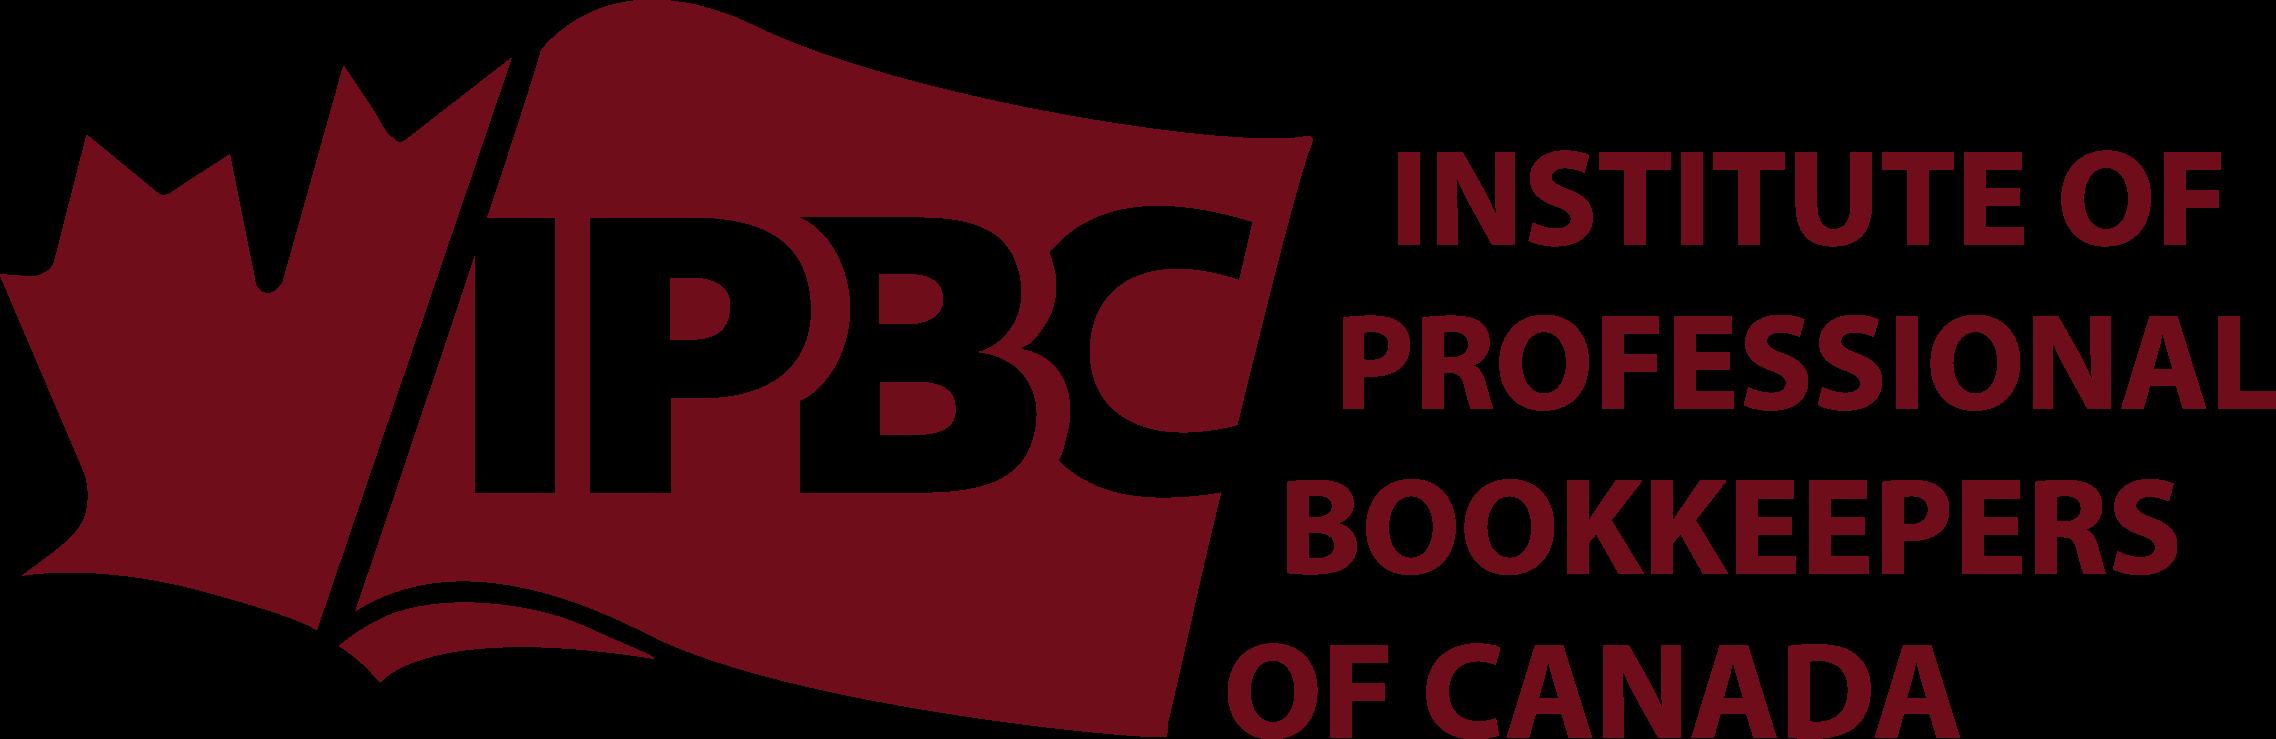 ipbc_logo.png